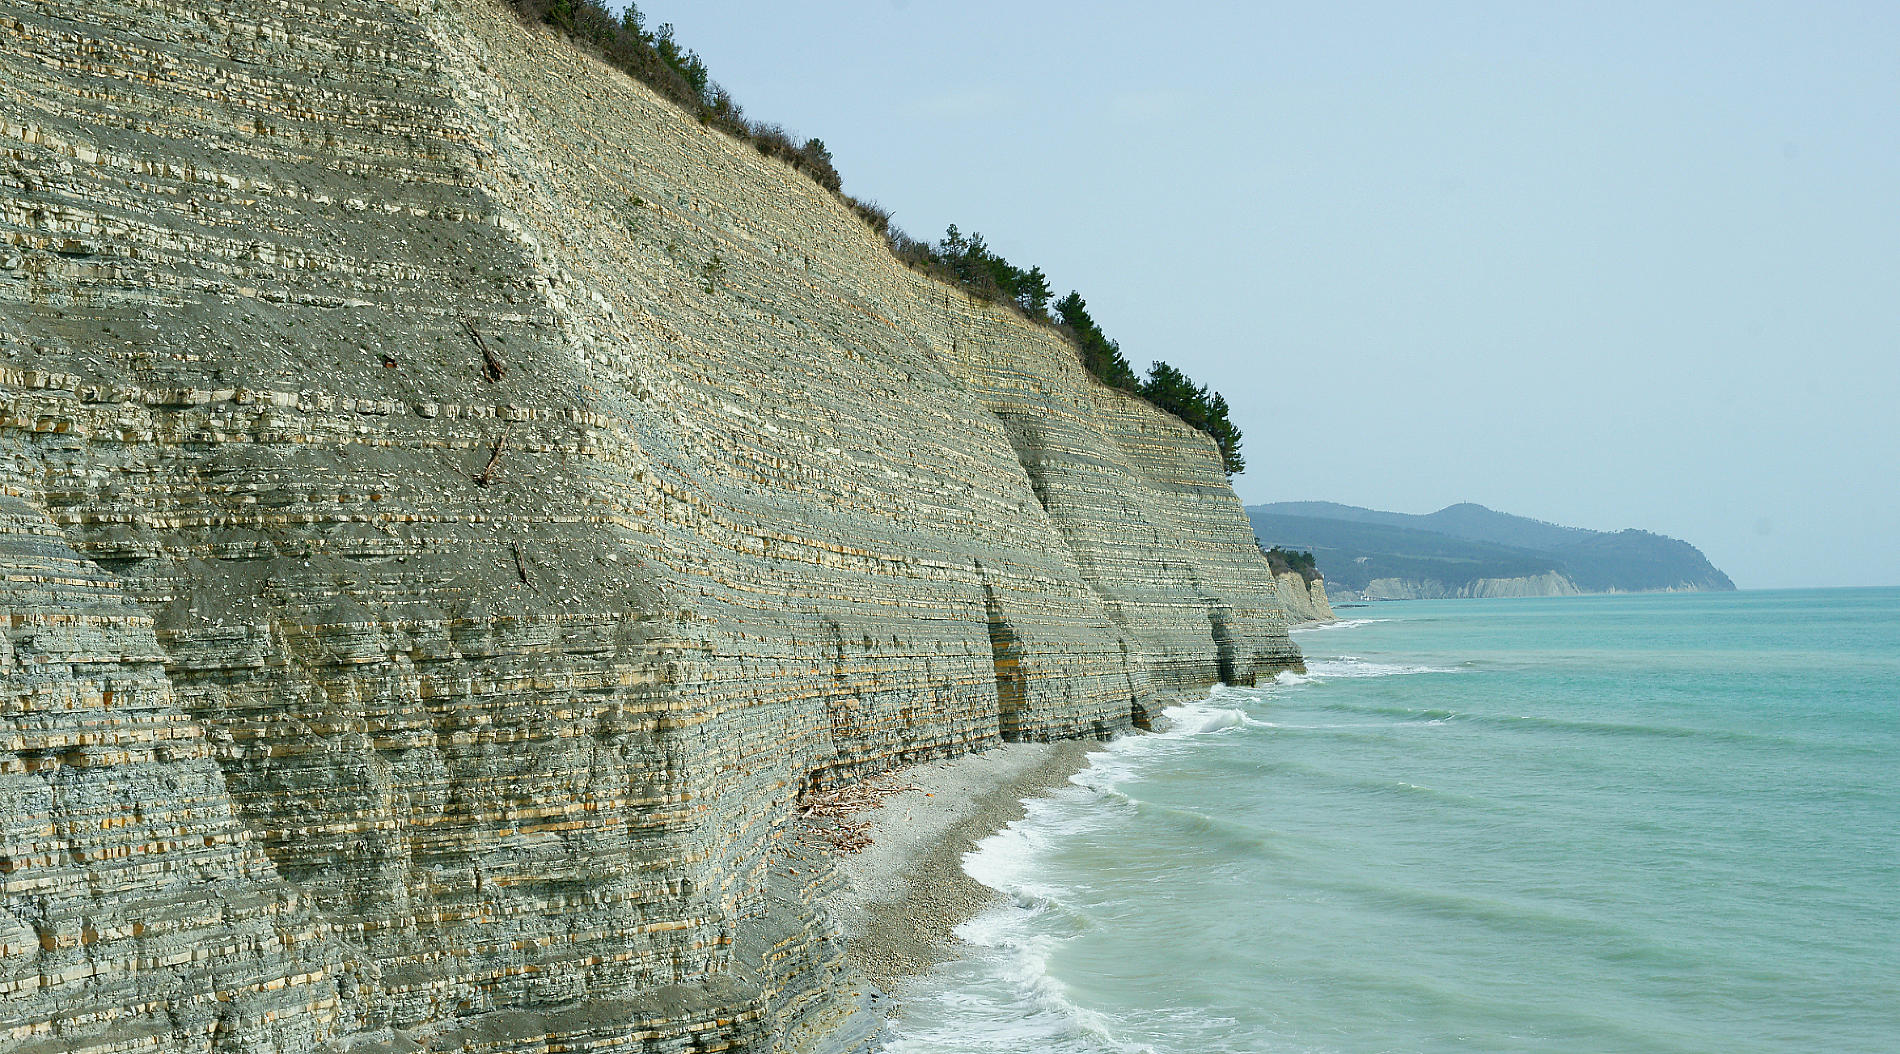 Черное море в районе пляжа Сосновка, Геленджик